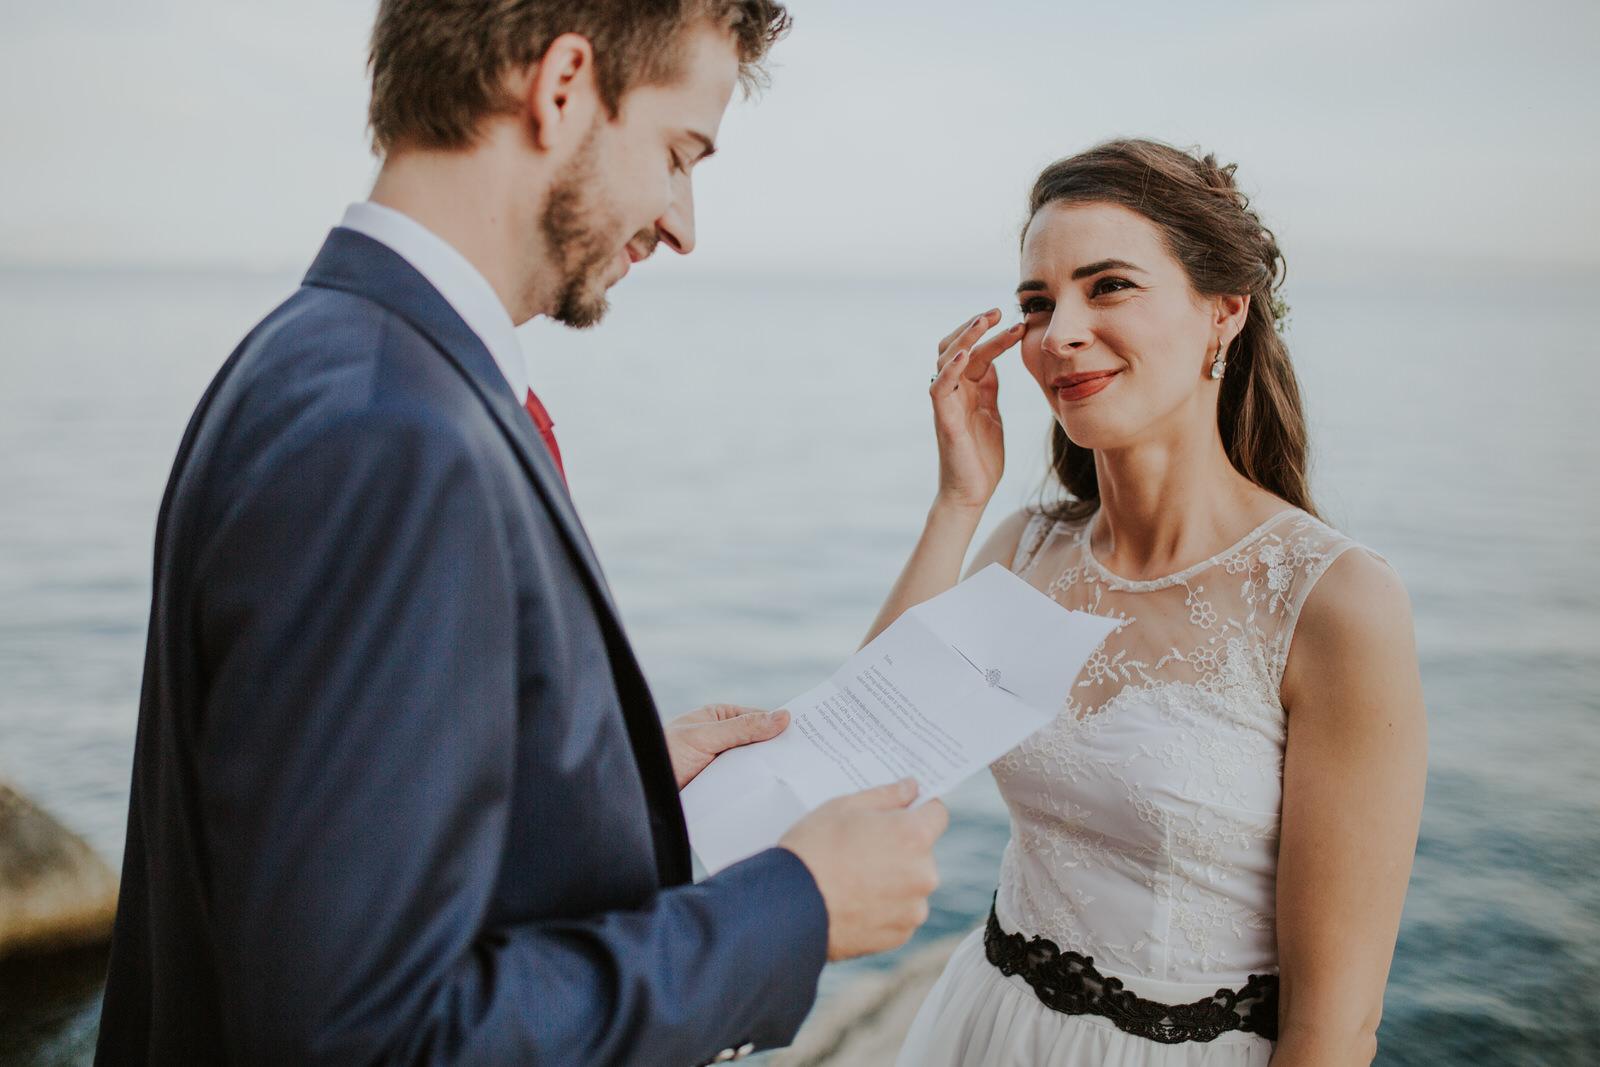 Kako izgleda život profesionalne fotografkinje vjenčanja INTERVJU - Dalibora Bijelić vjenčanje fotograf